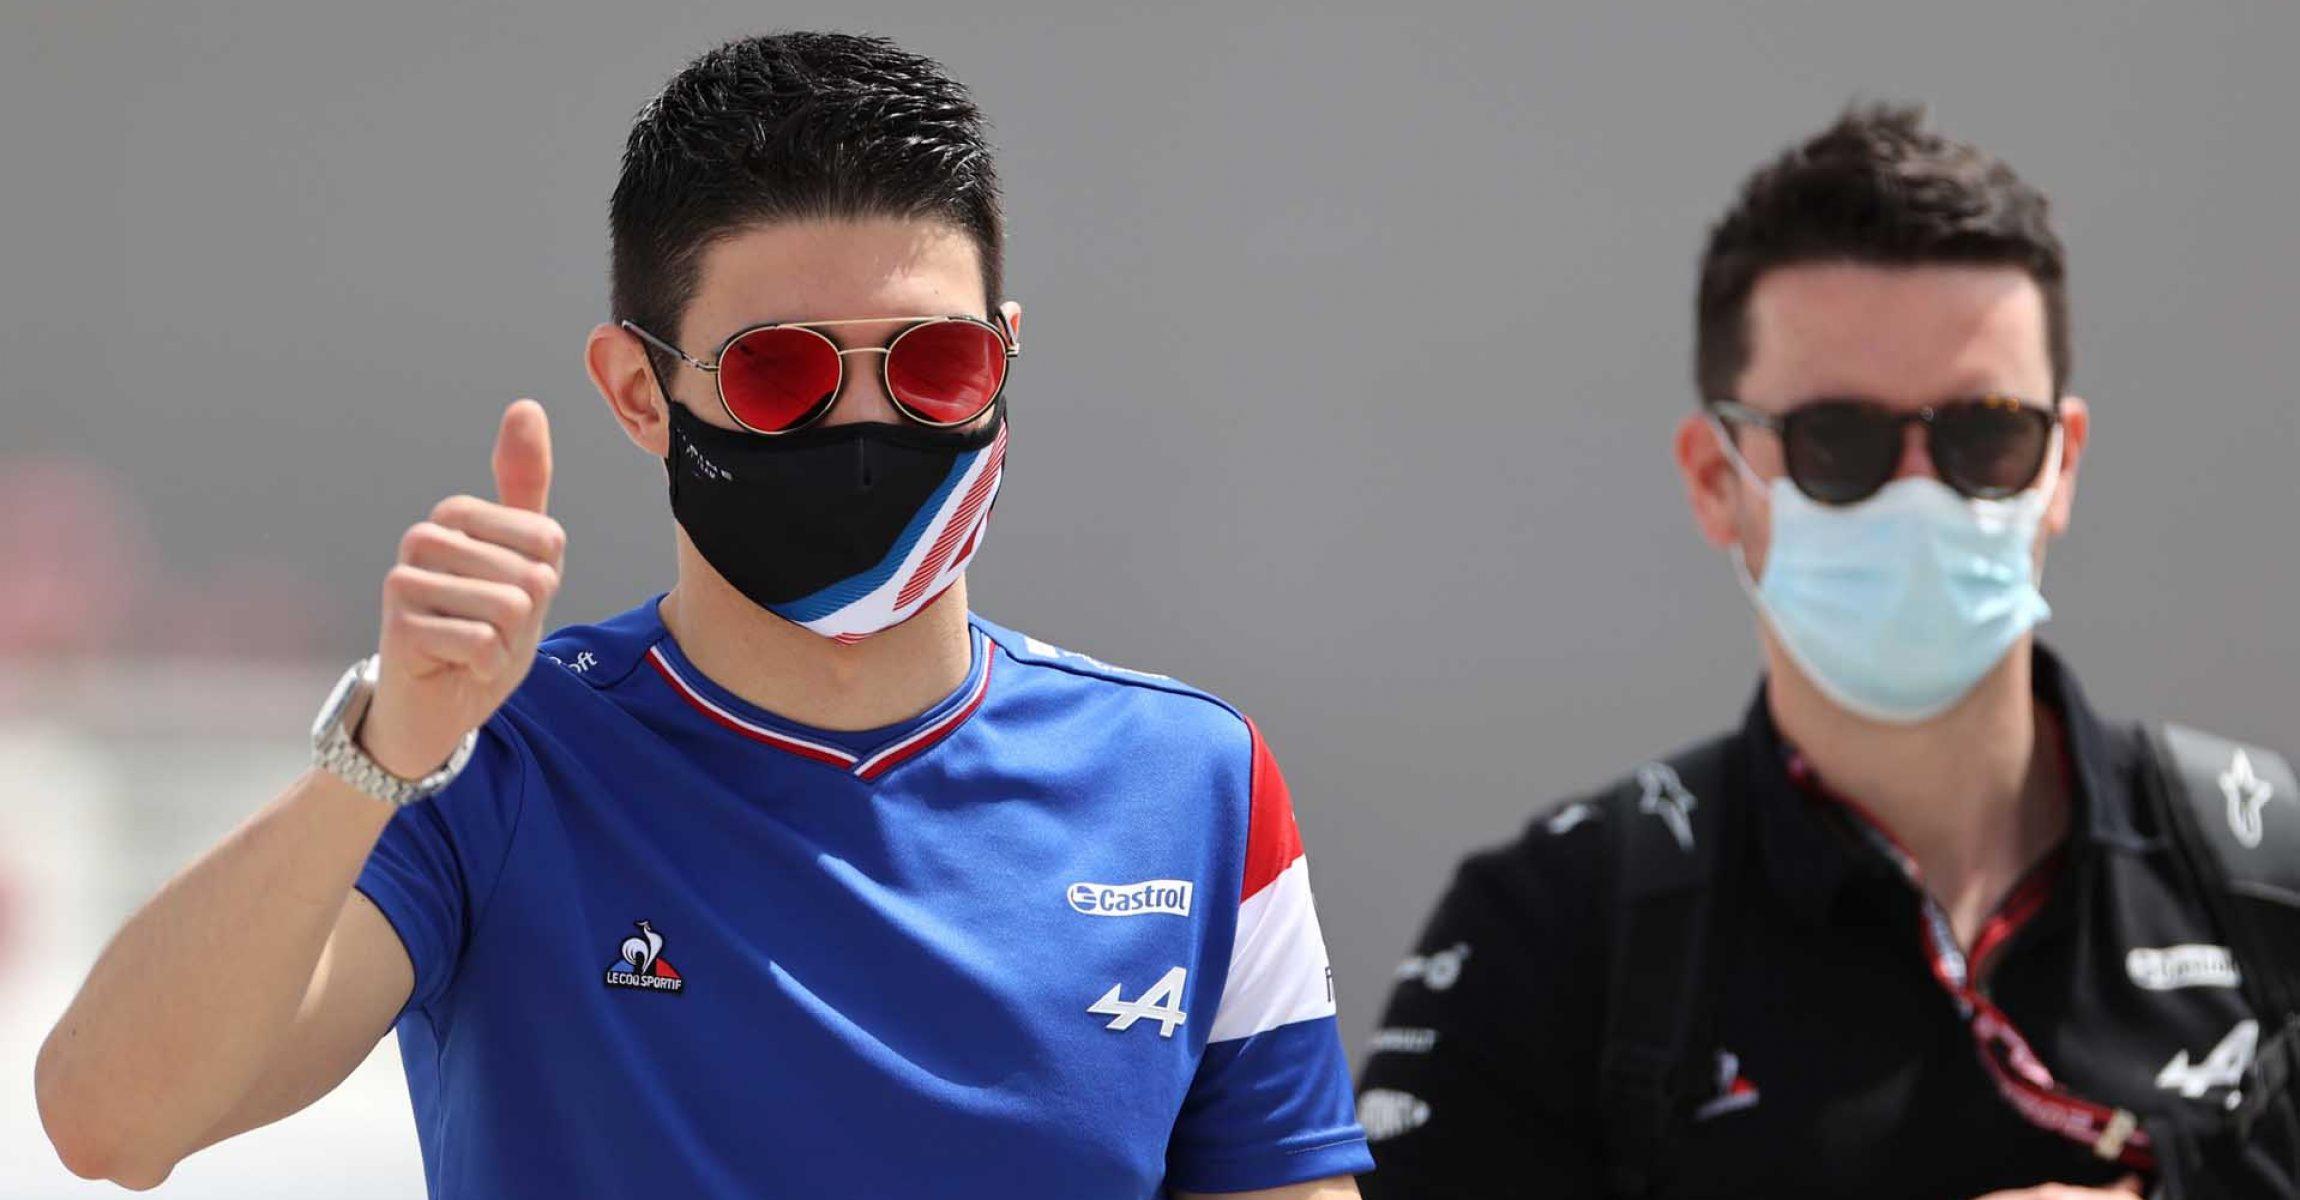 Esteban Ocon (FRA) Alpine F1 Team. Bahrain Grand Prix, Thursday 25th March 2021. Sakhir, Bahrain.